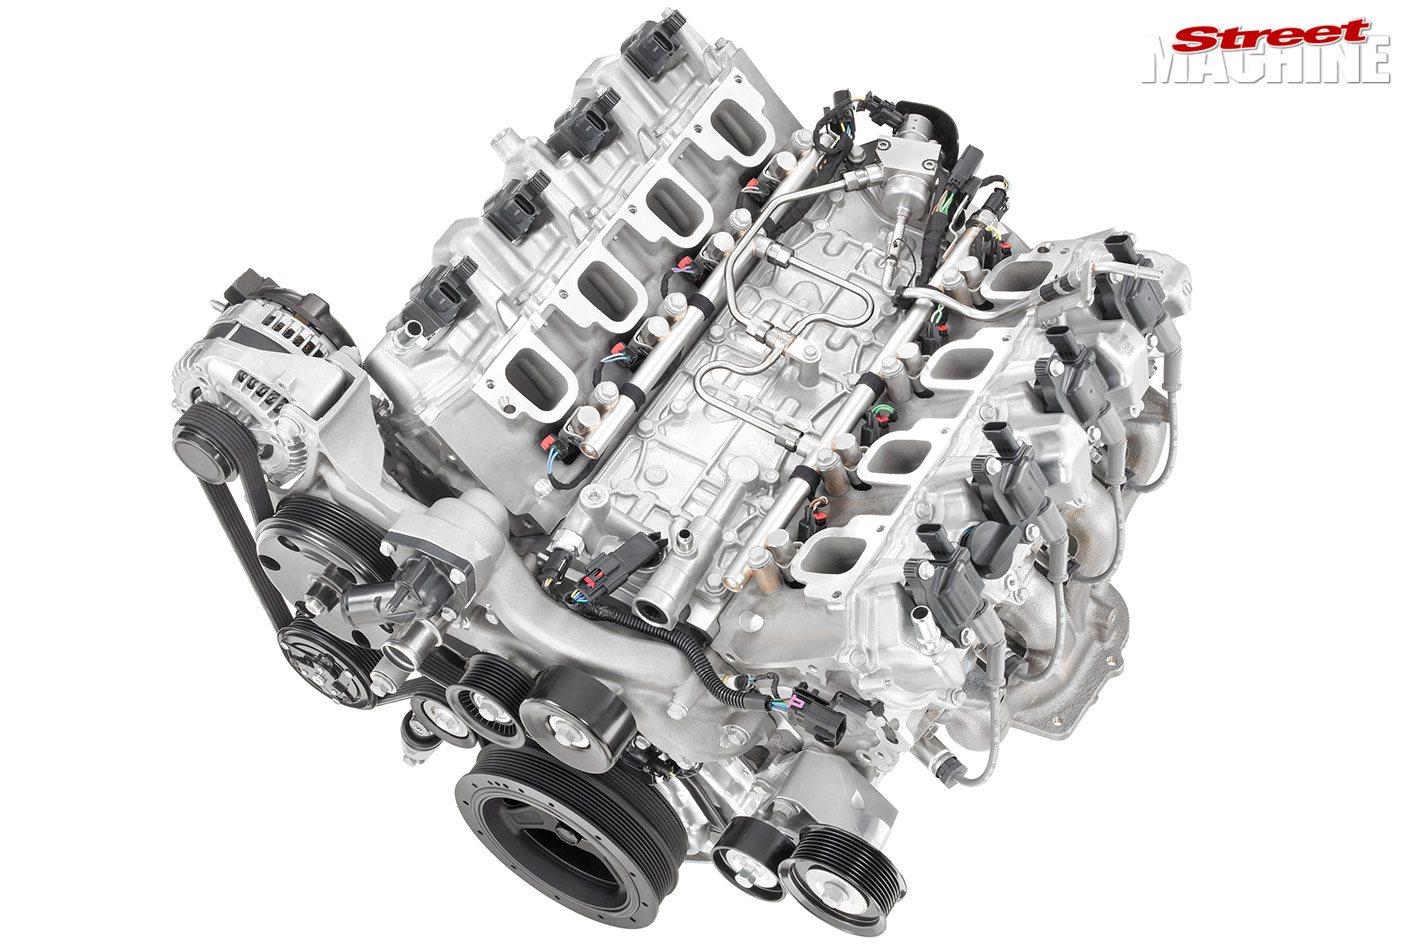 general motors generation v engine